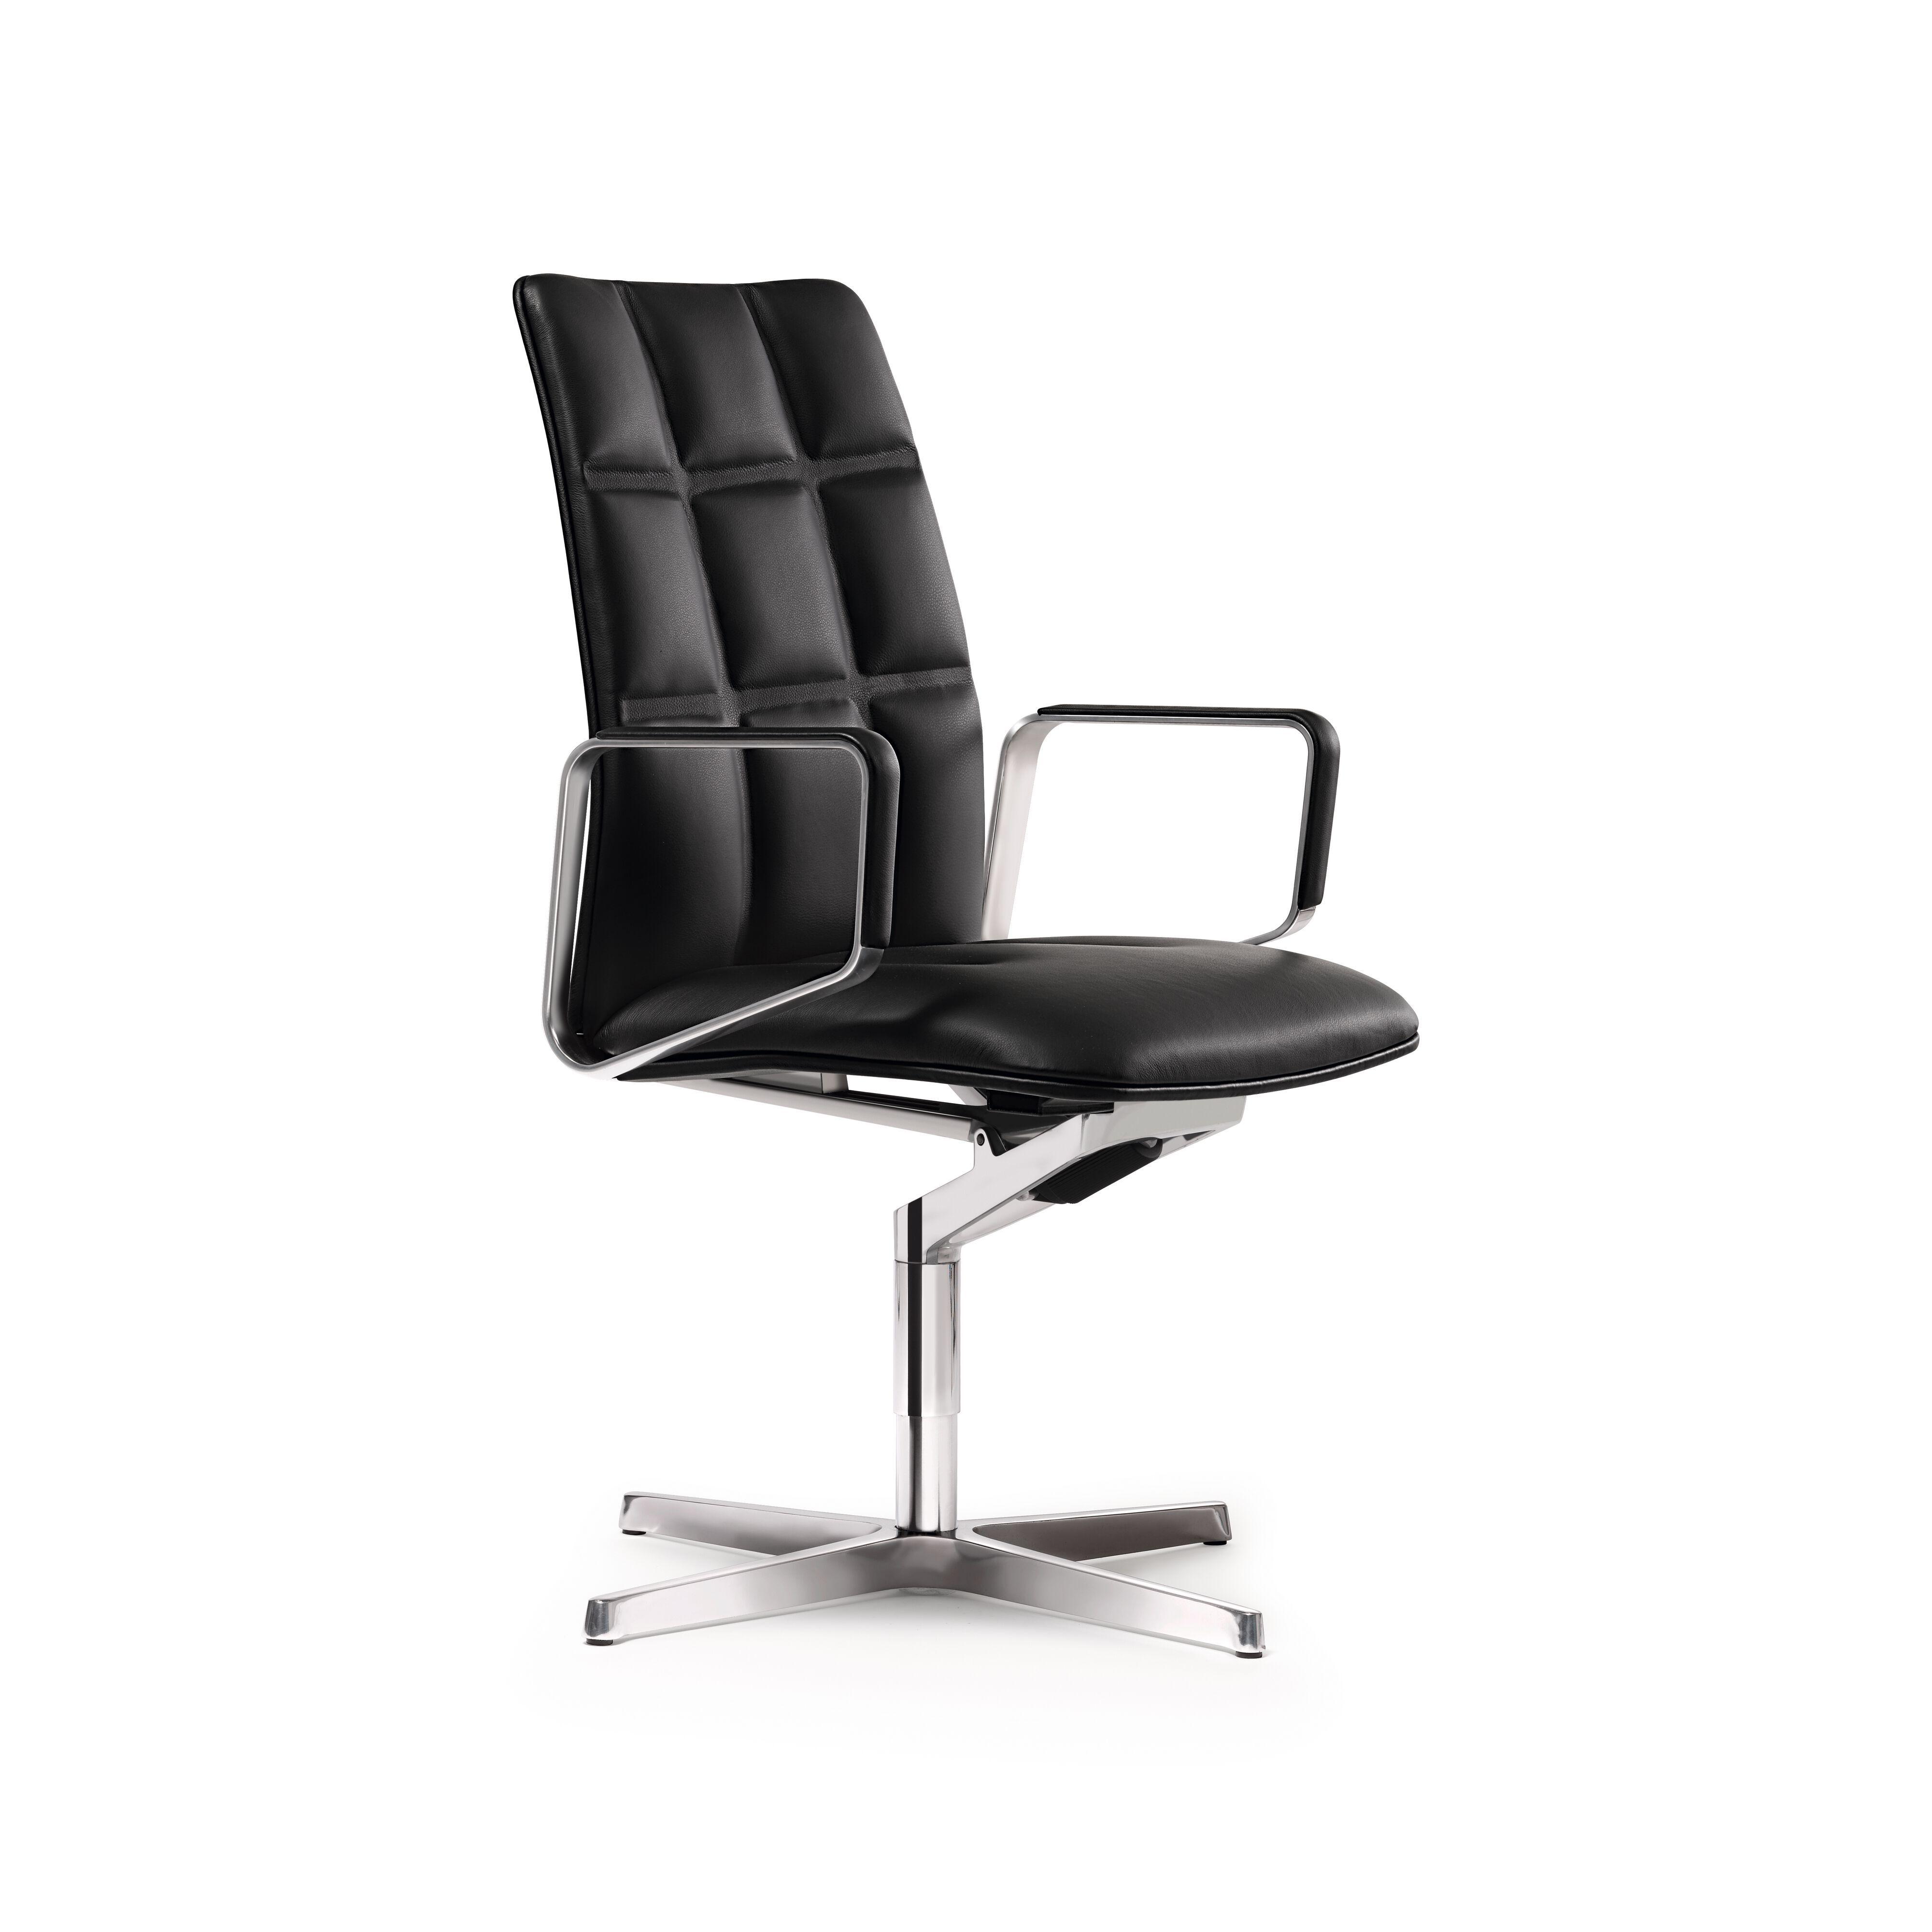 07-WK-Leadchair-0037-H.tif